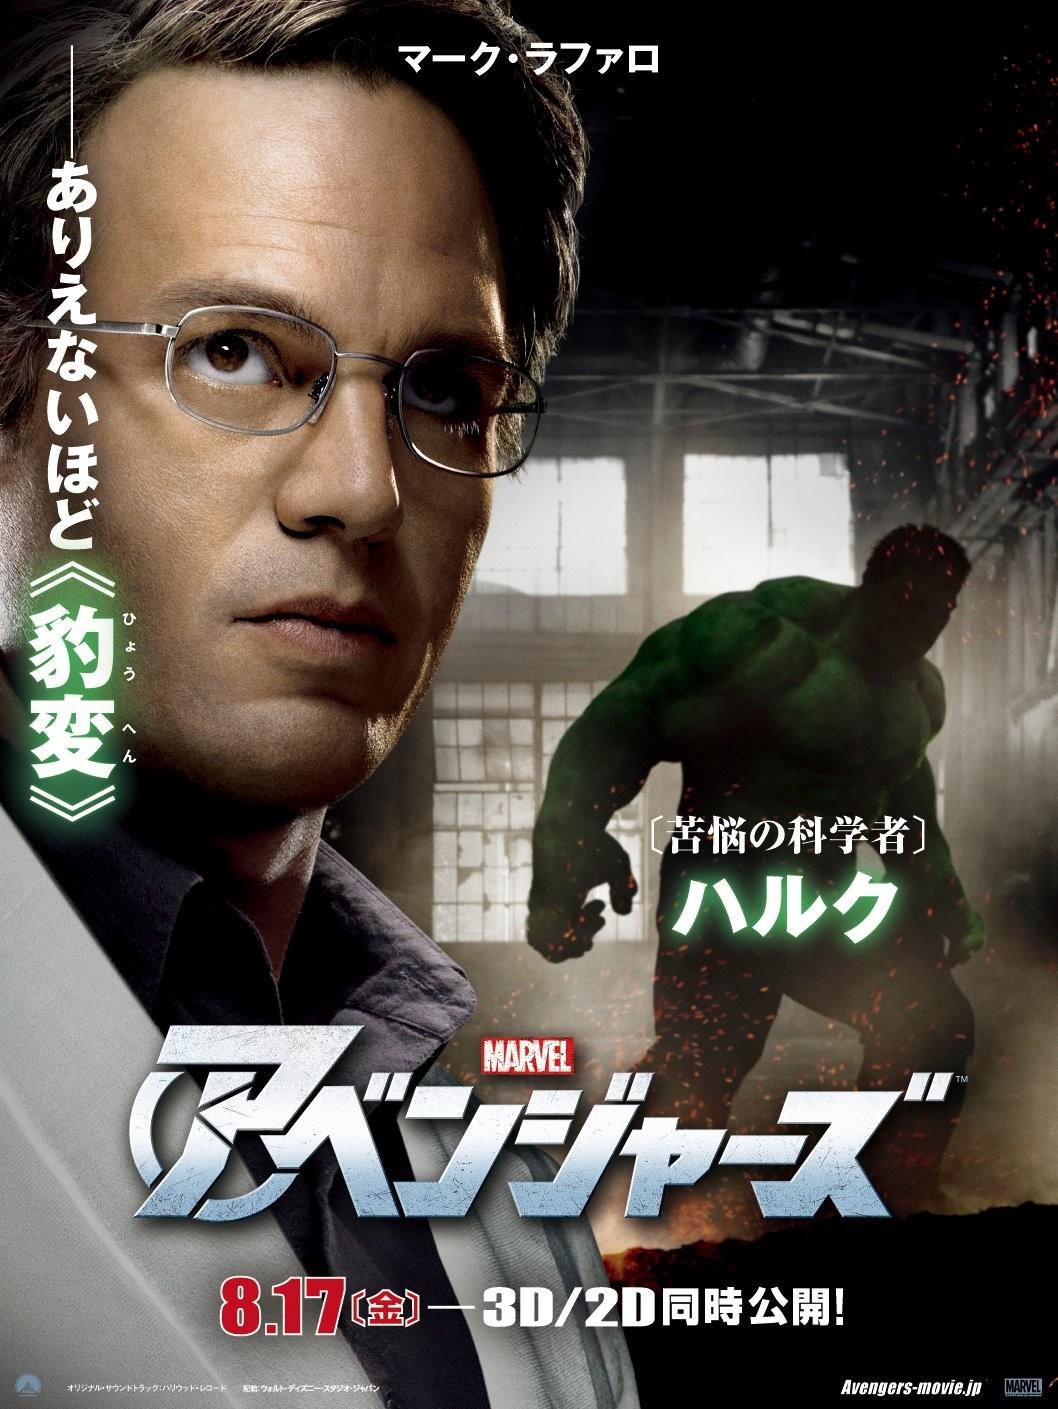 The Avengers - Hulk poster - Japan